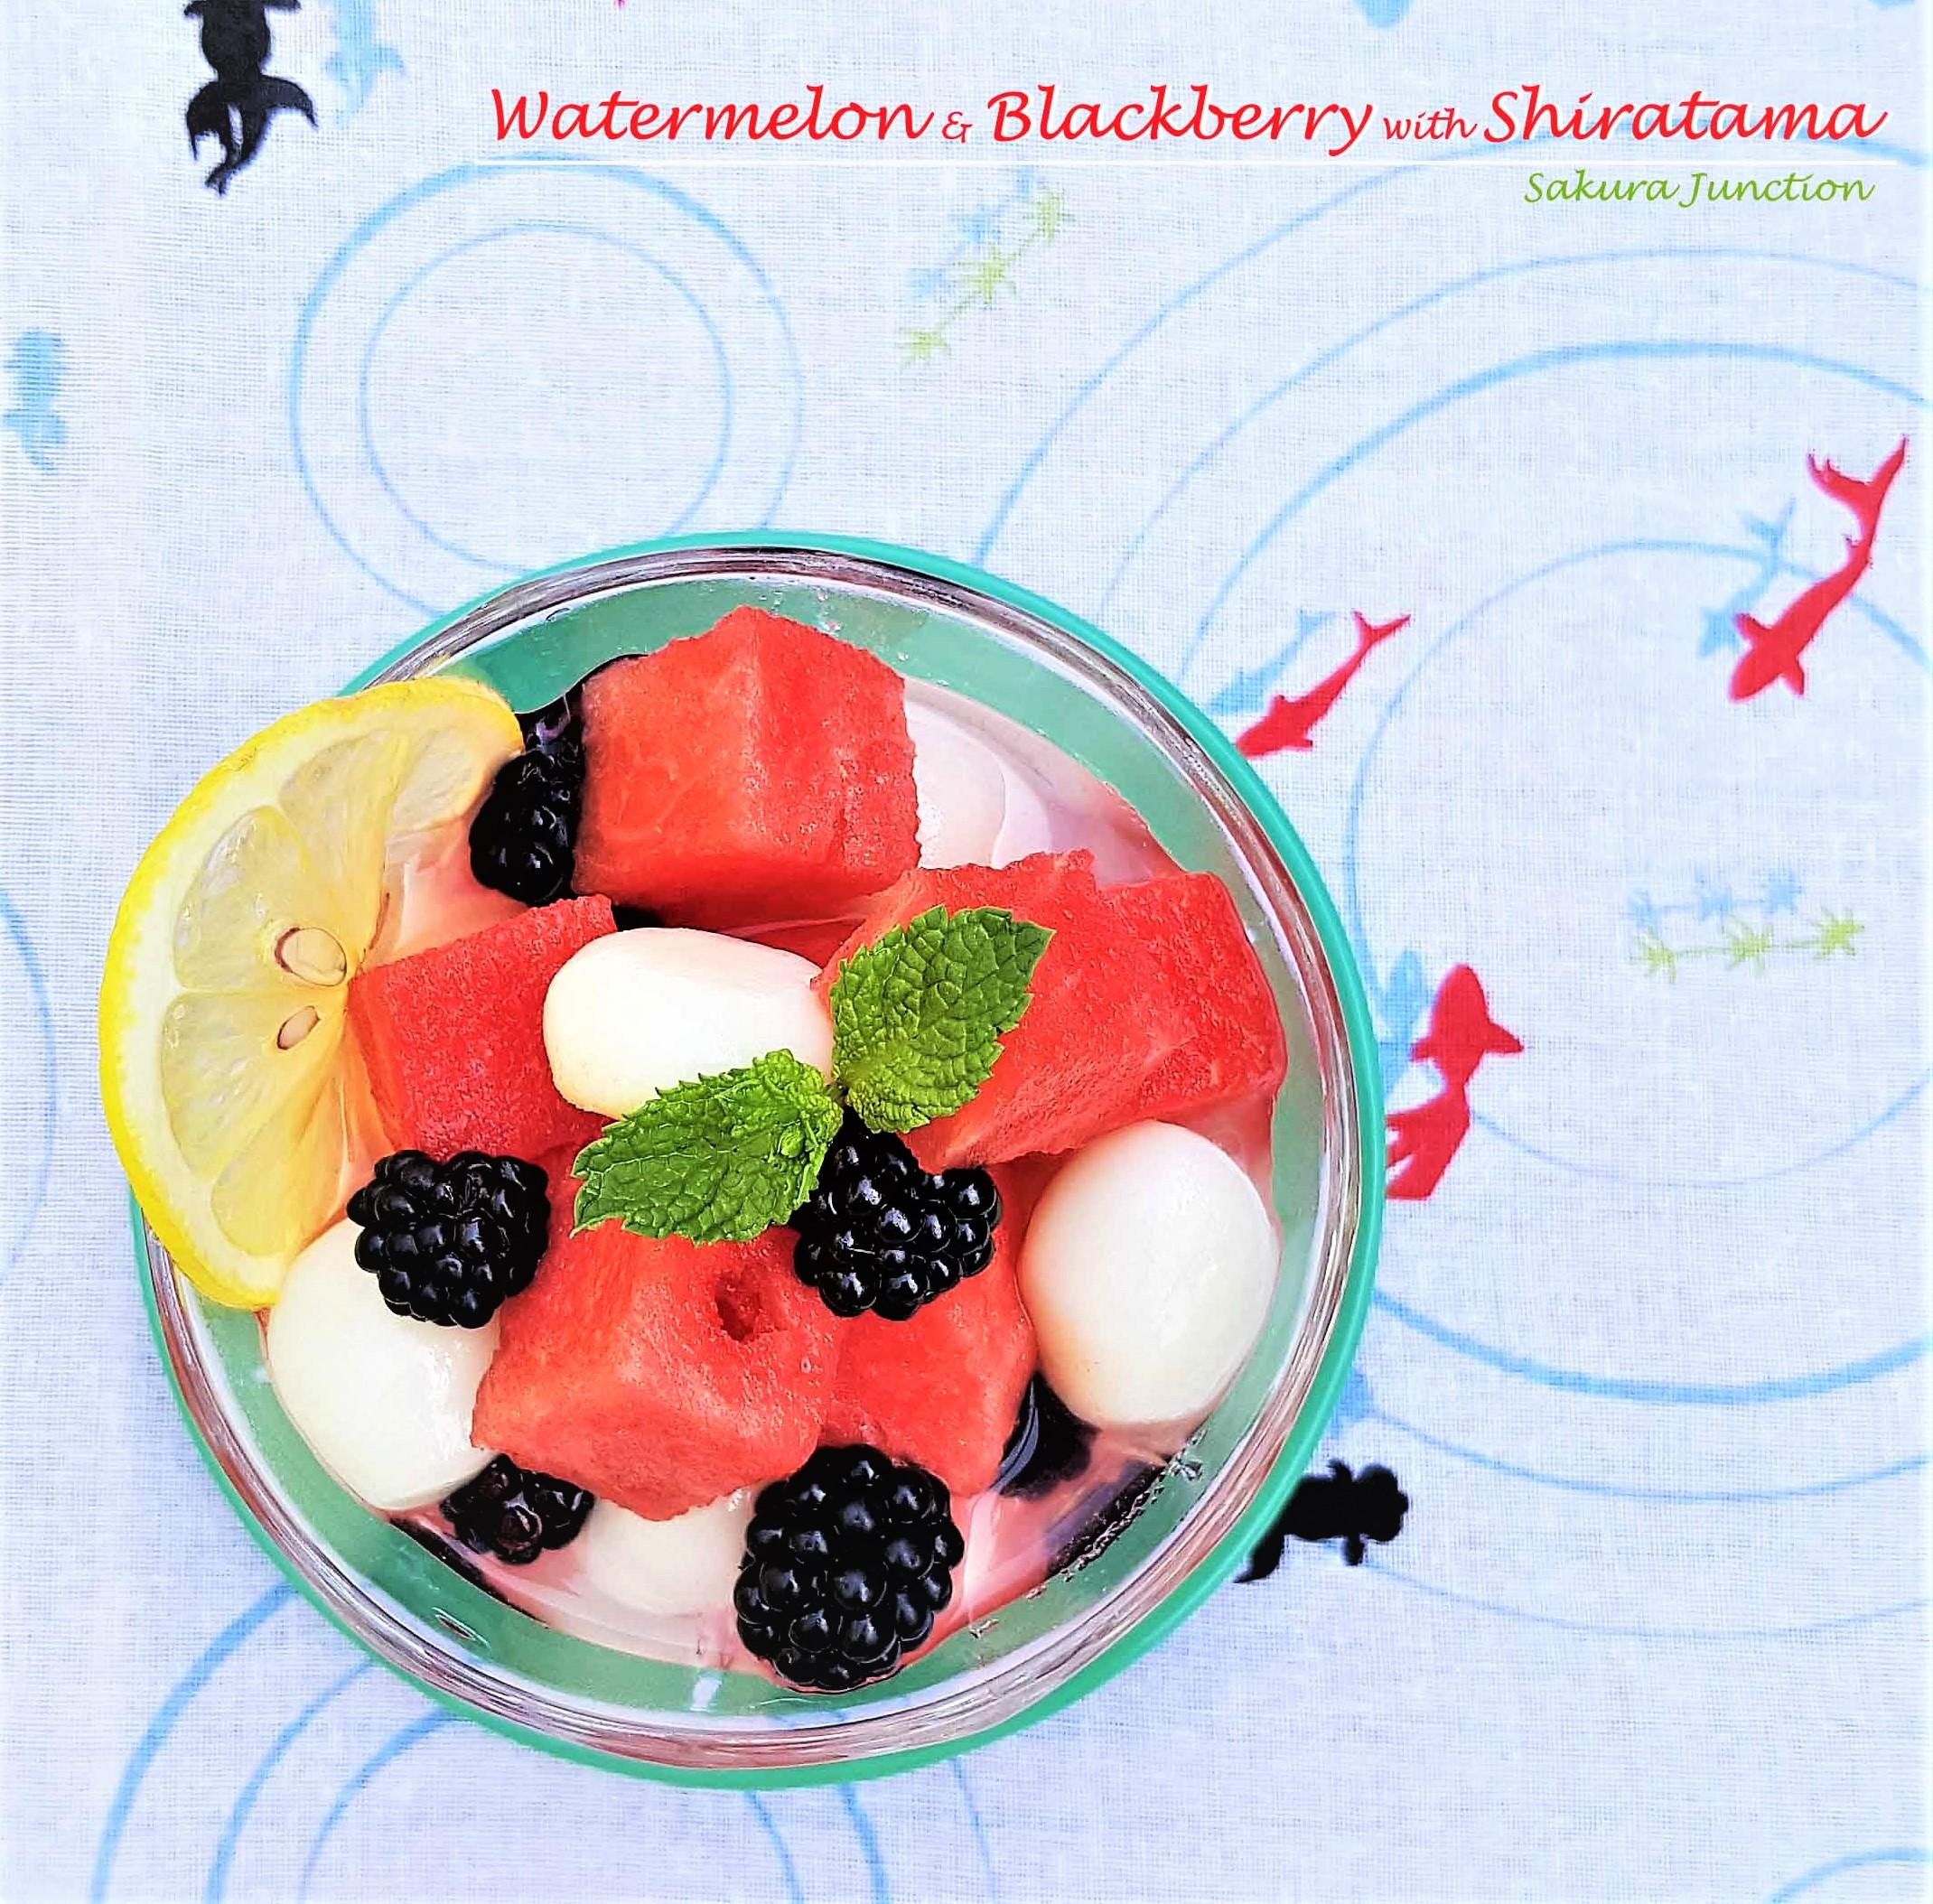 Watermelon & shiratama4